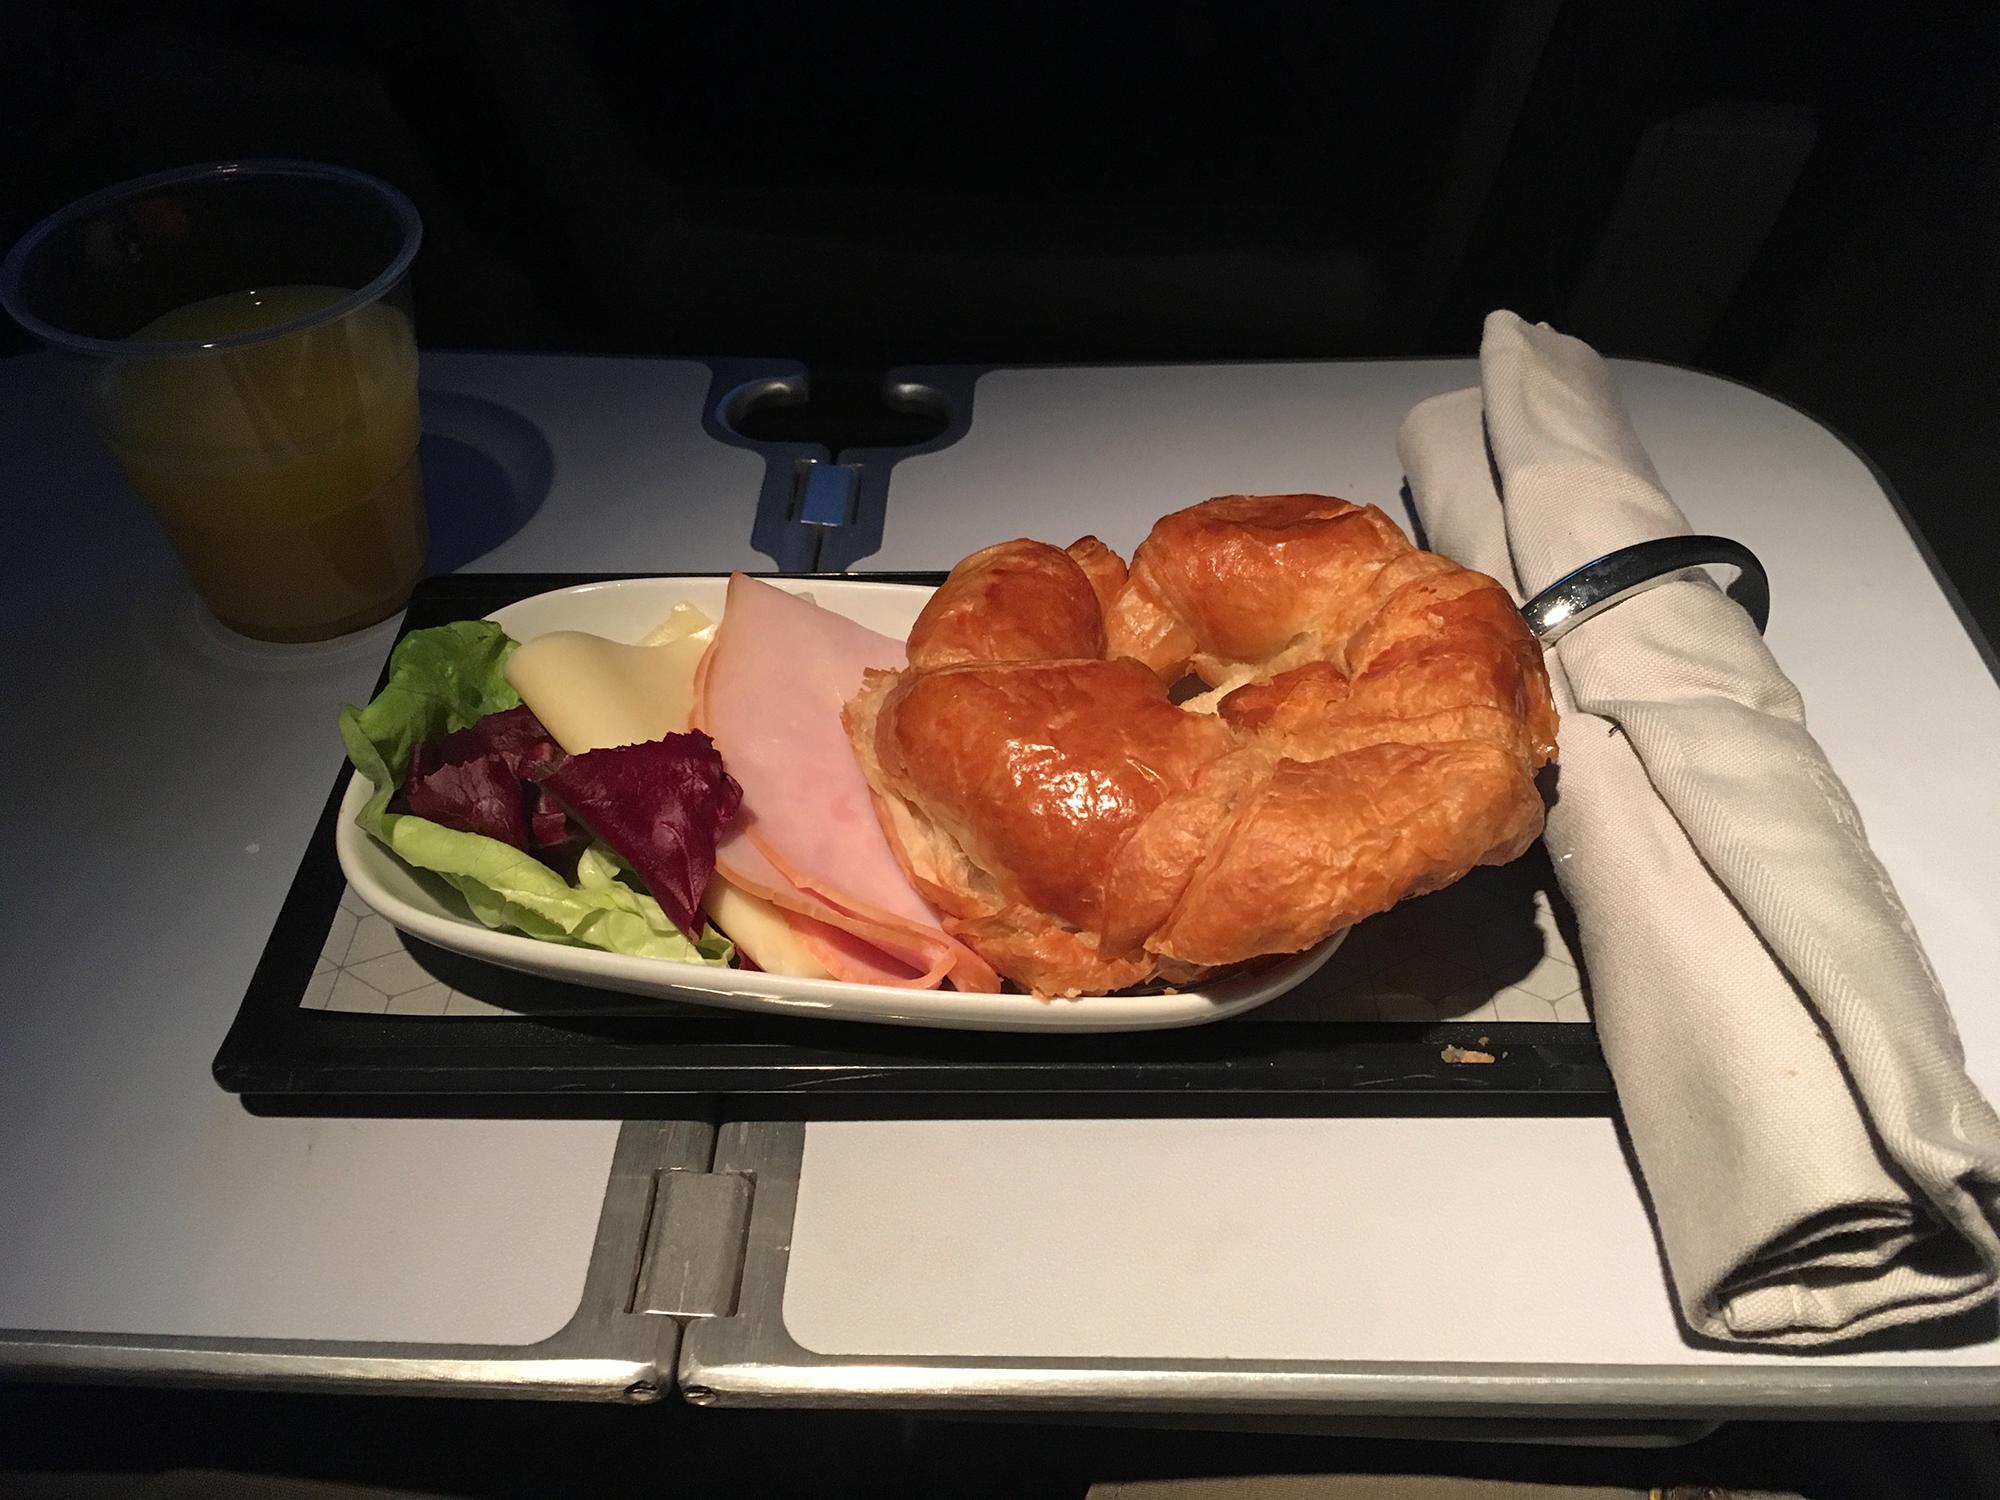 Icelandair snack/breakfast on YVR-KEF flight segment.